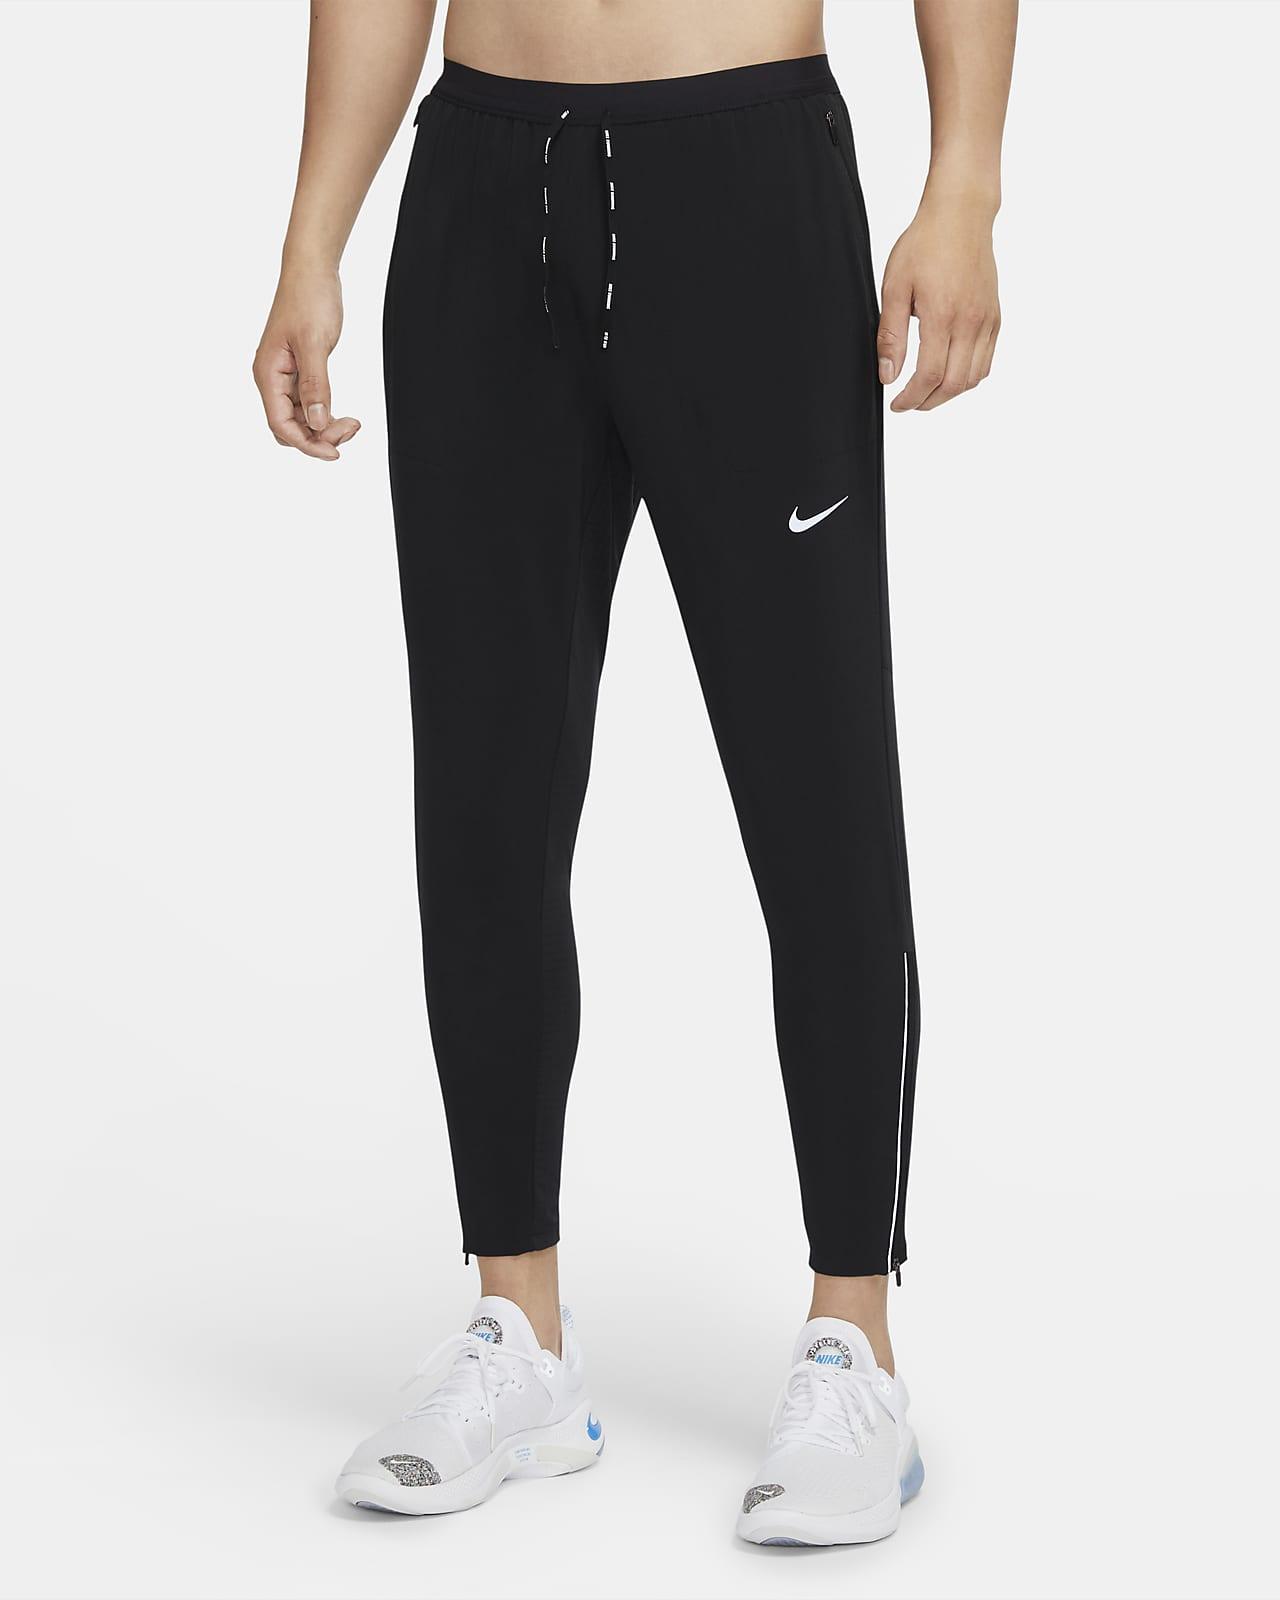 Pánské tkané běžecké kalhoty Nike Phenom Elite